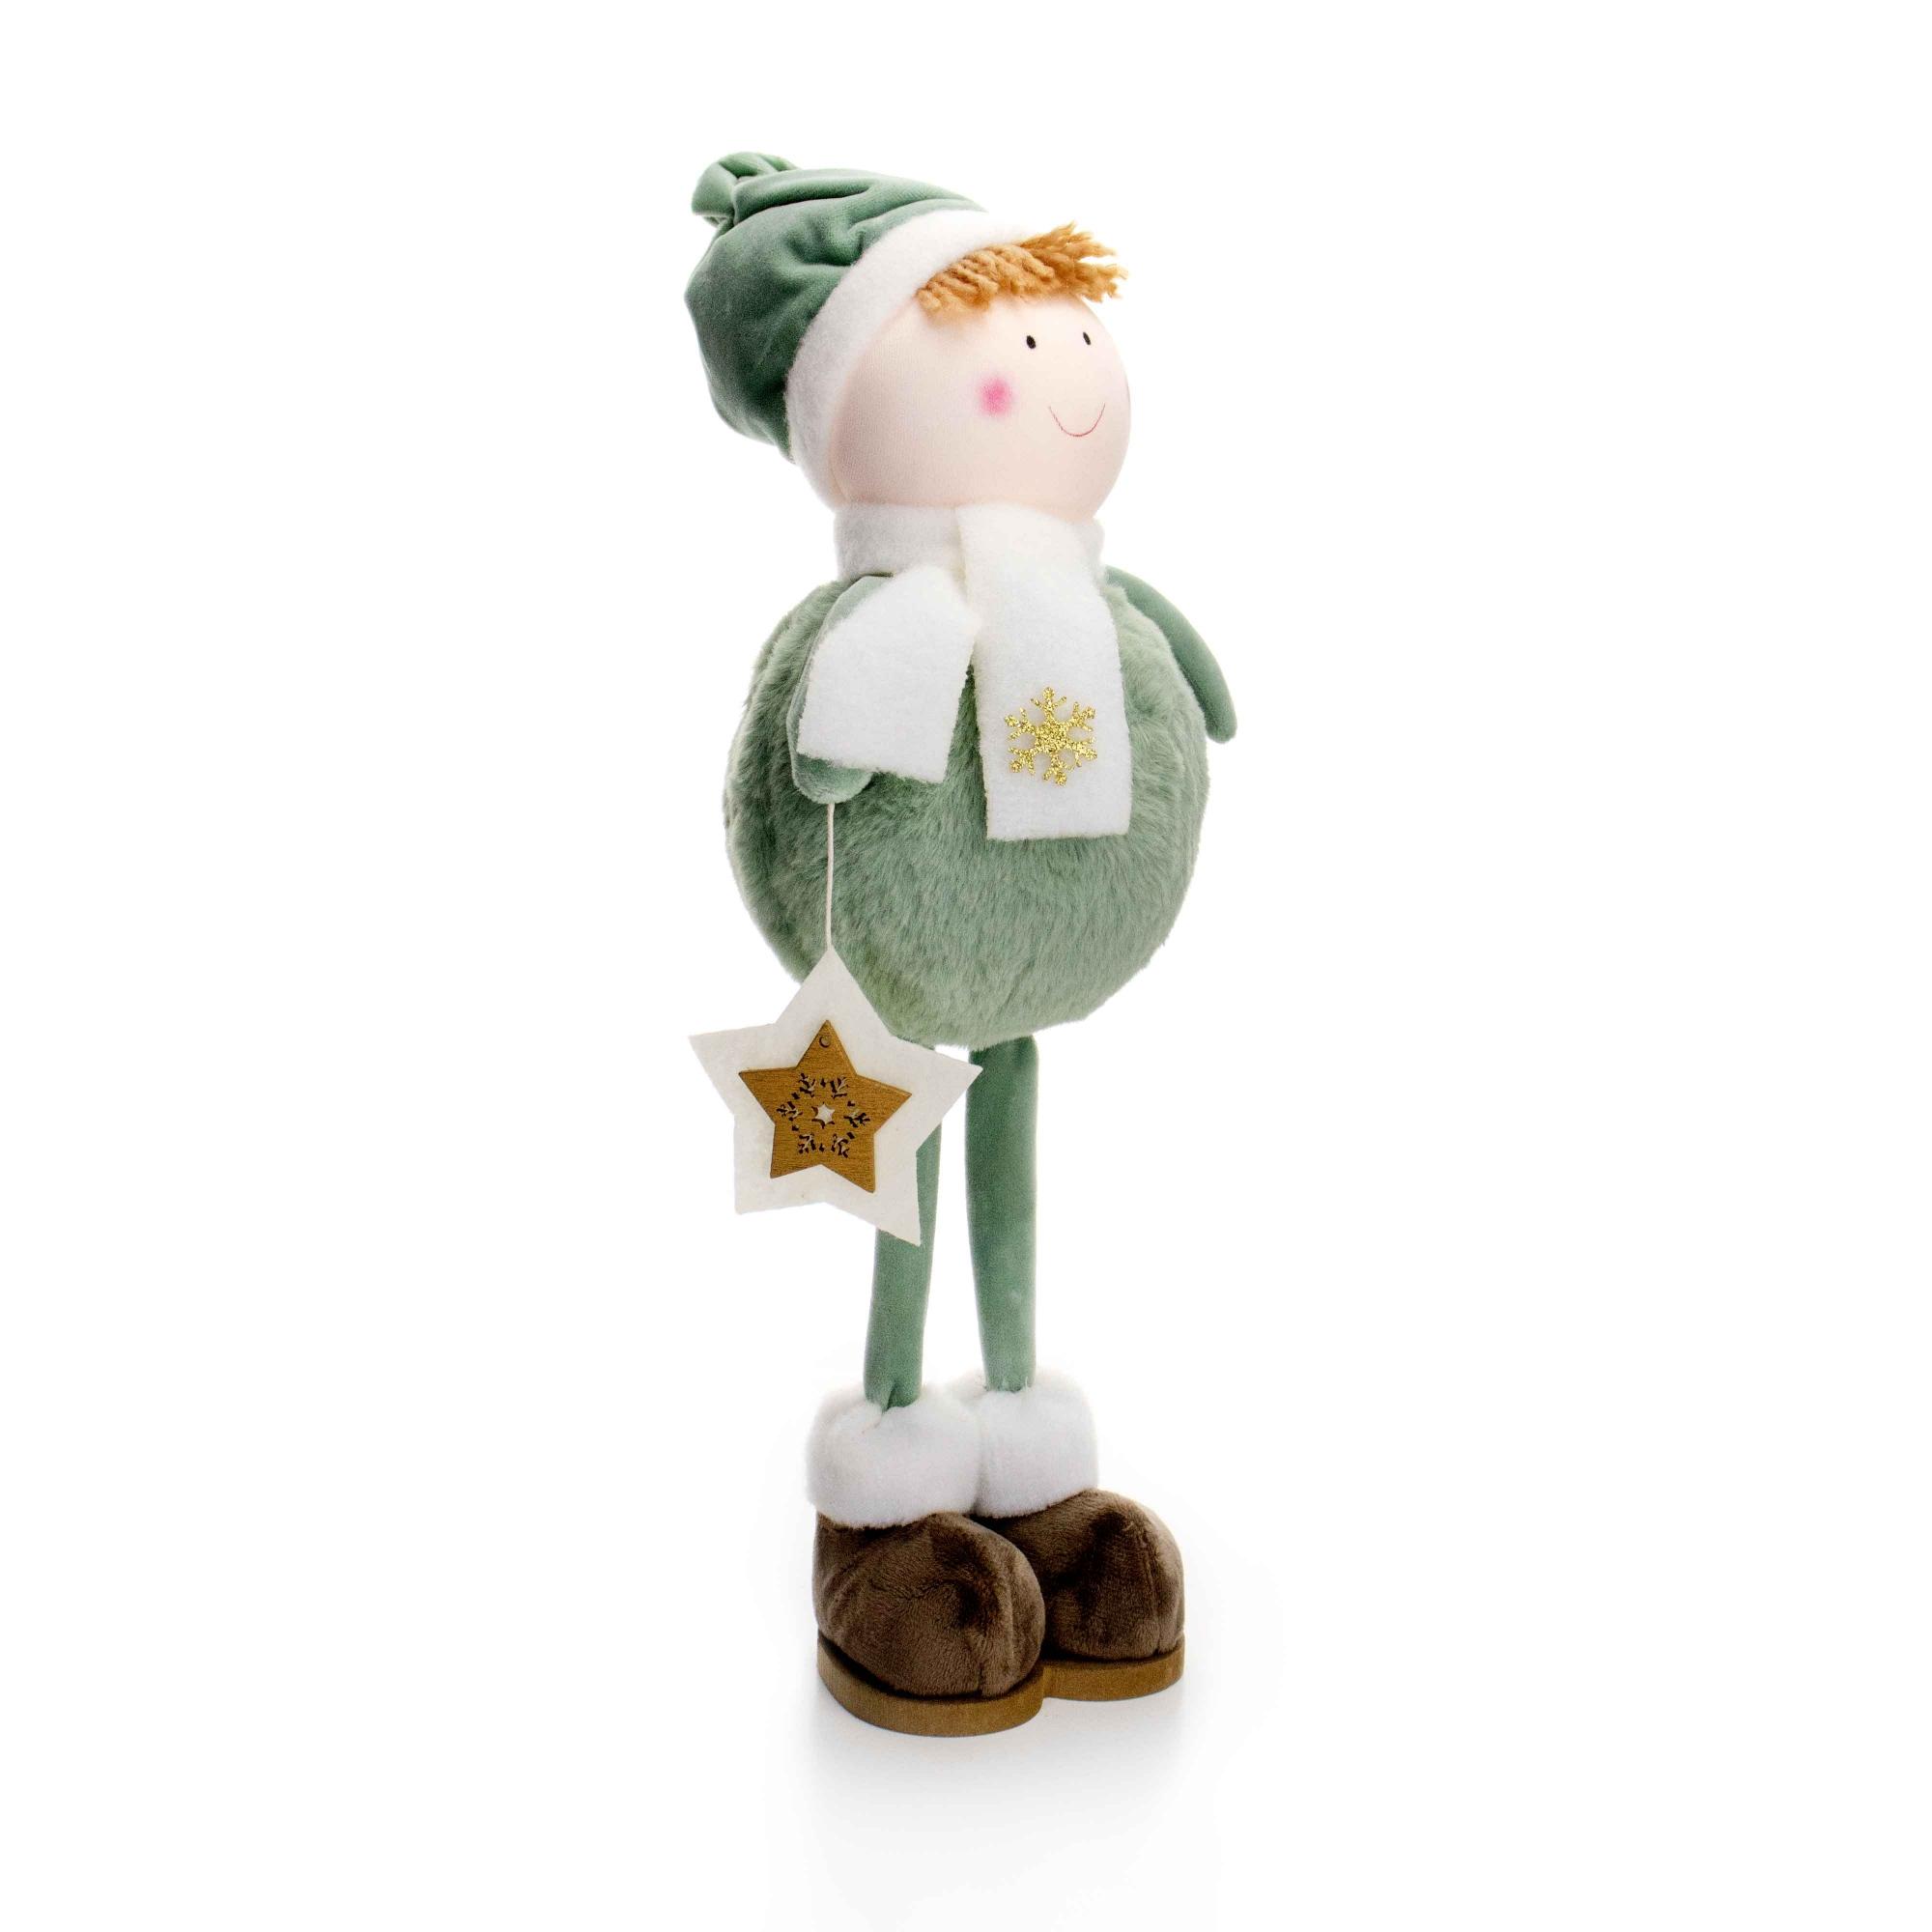 Boneco de Natal Menino em Pé Verde e Branco 40 cm - D'Rossi